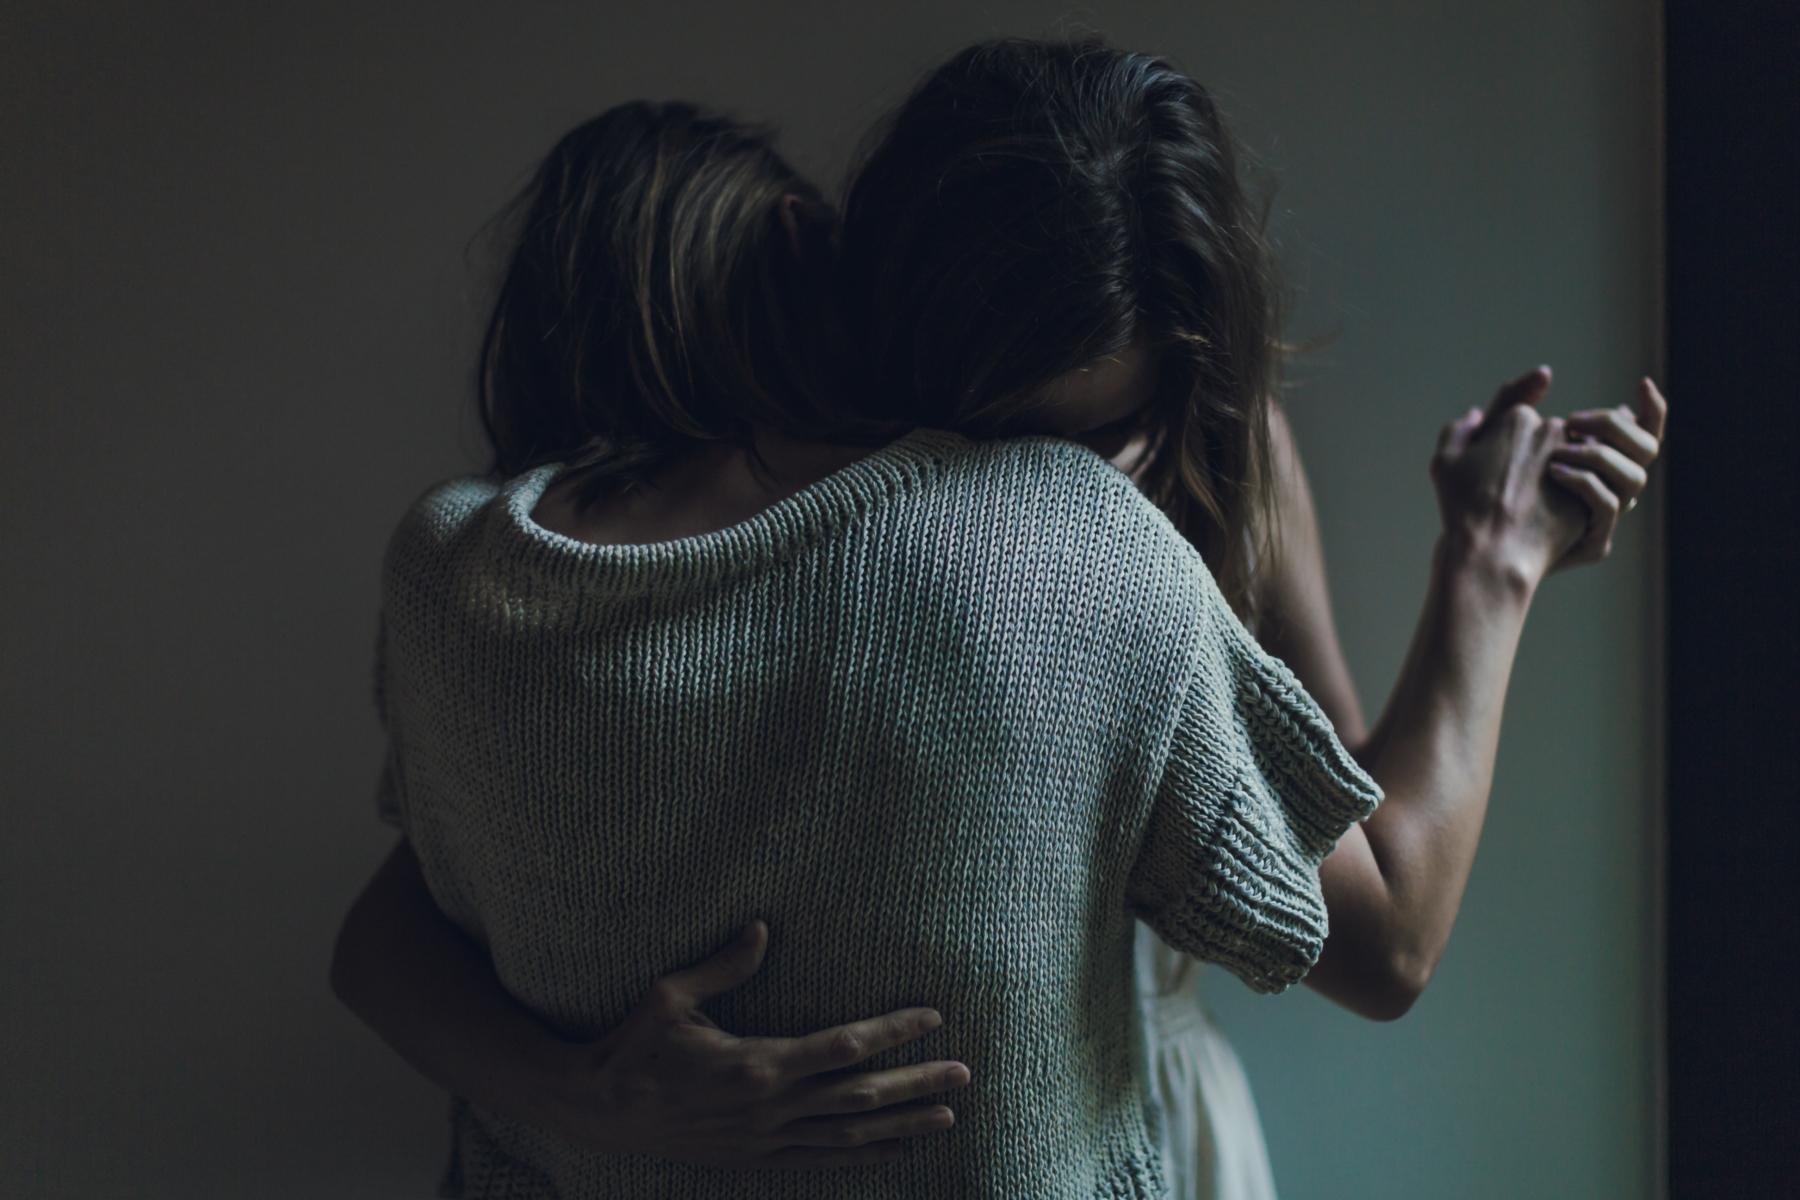 Rencontre lesbienne dans l'obscurité